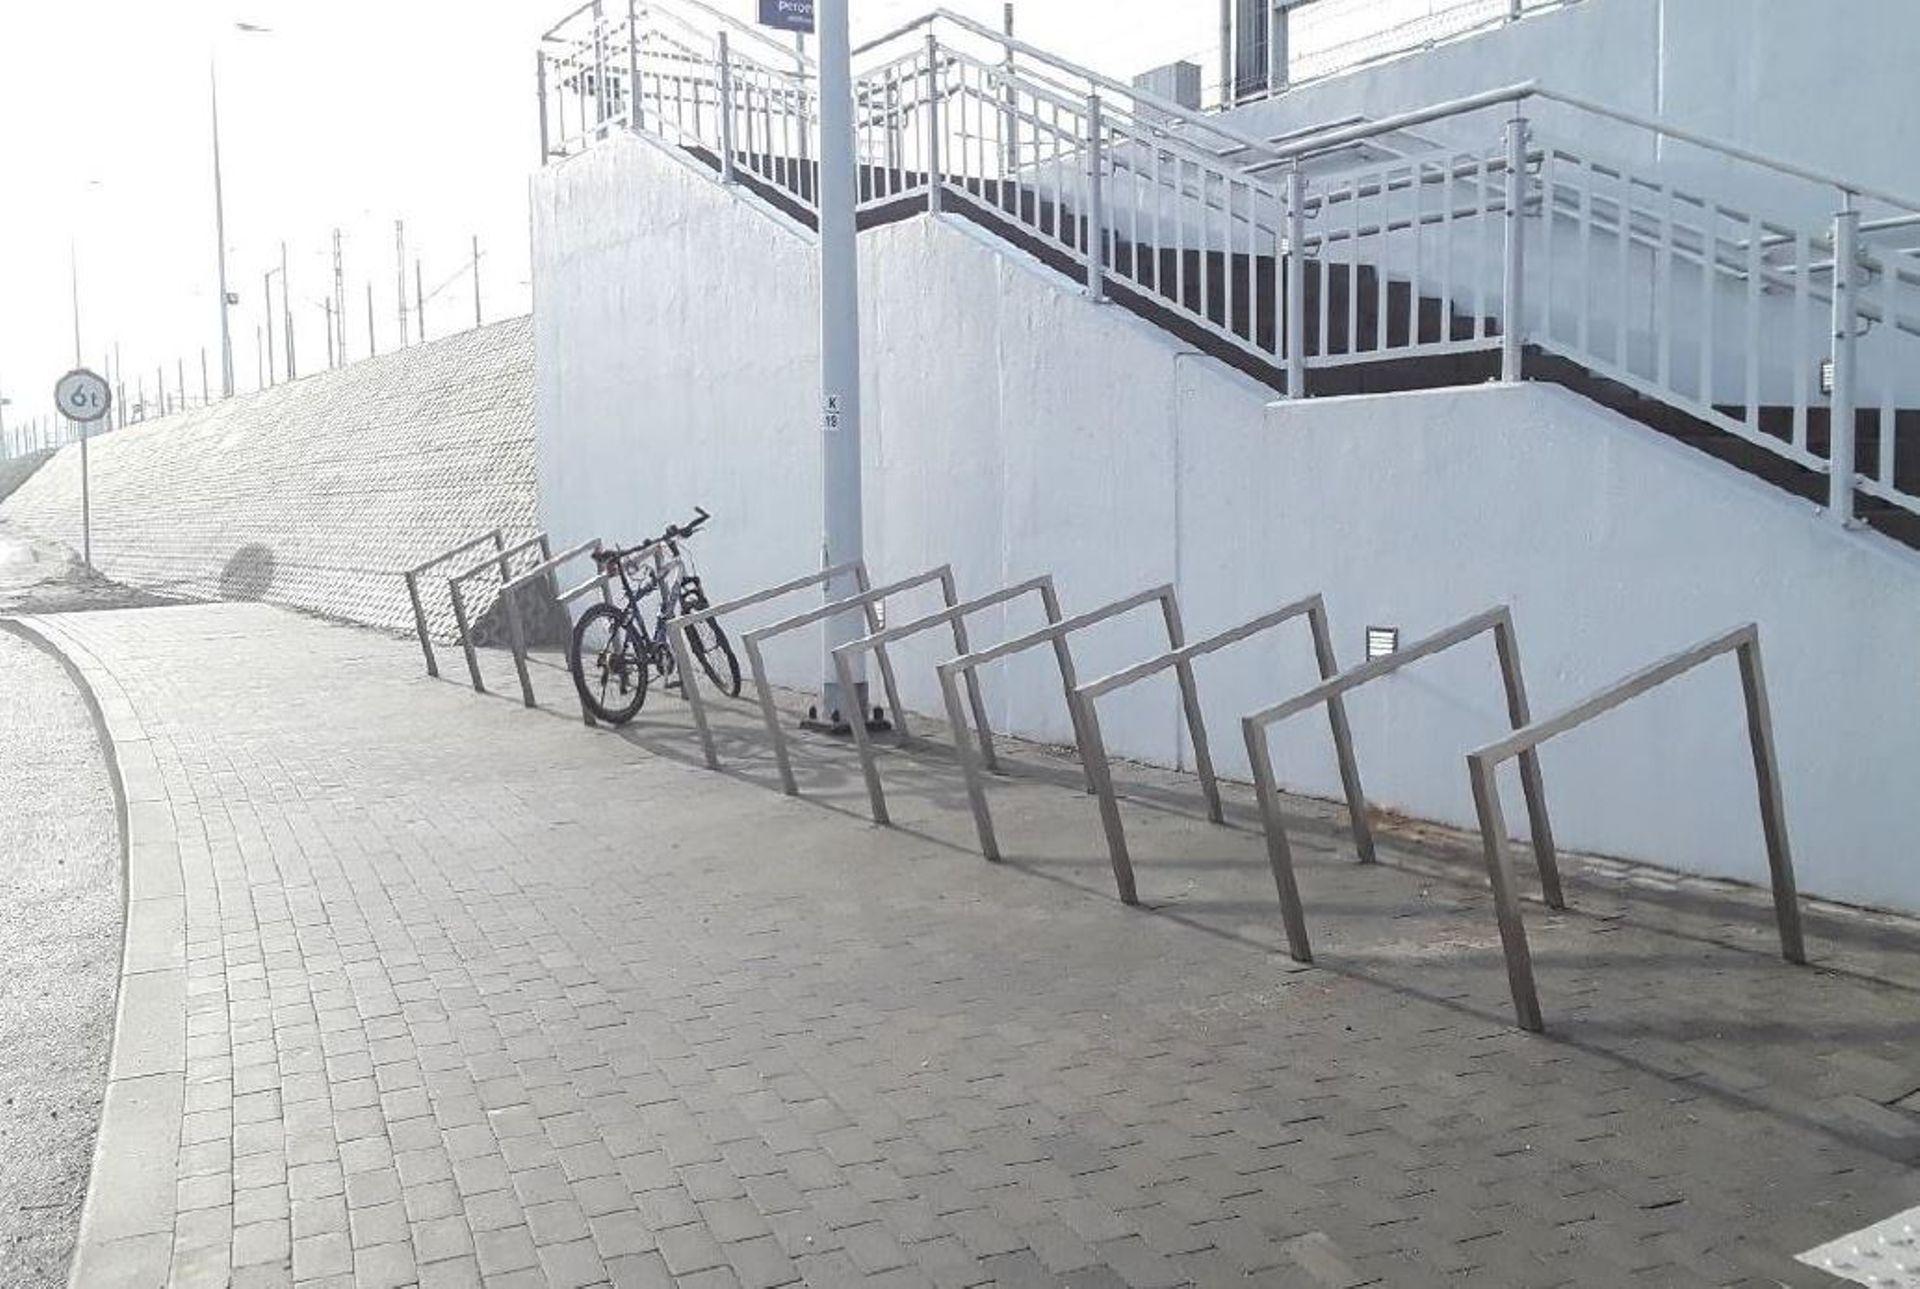 Pojawią się nowe stojaki rowerowe przy ponad 1500 stacjach i przystankach oraz ponad 300 dworcach kolejowych w Polsce